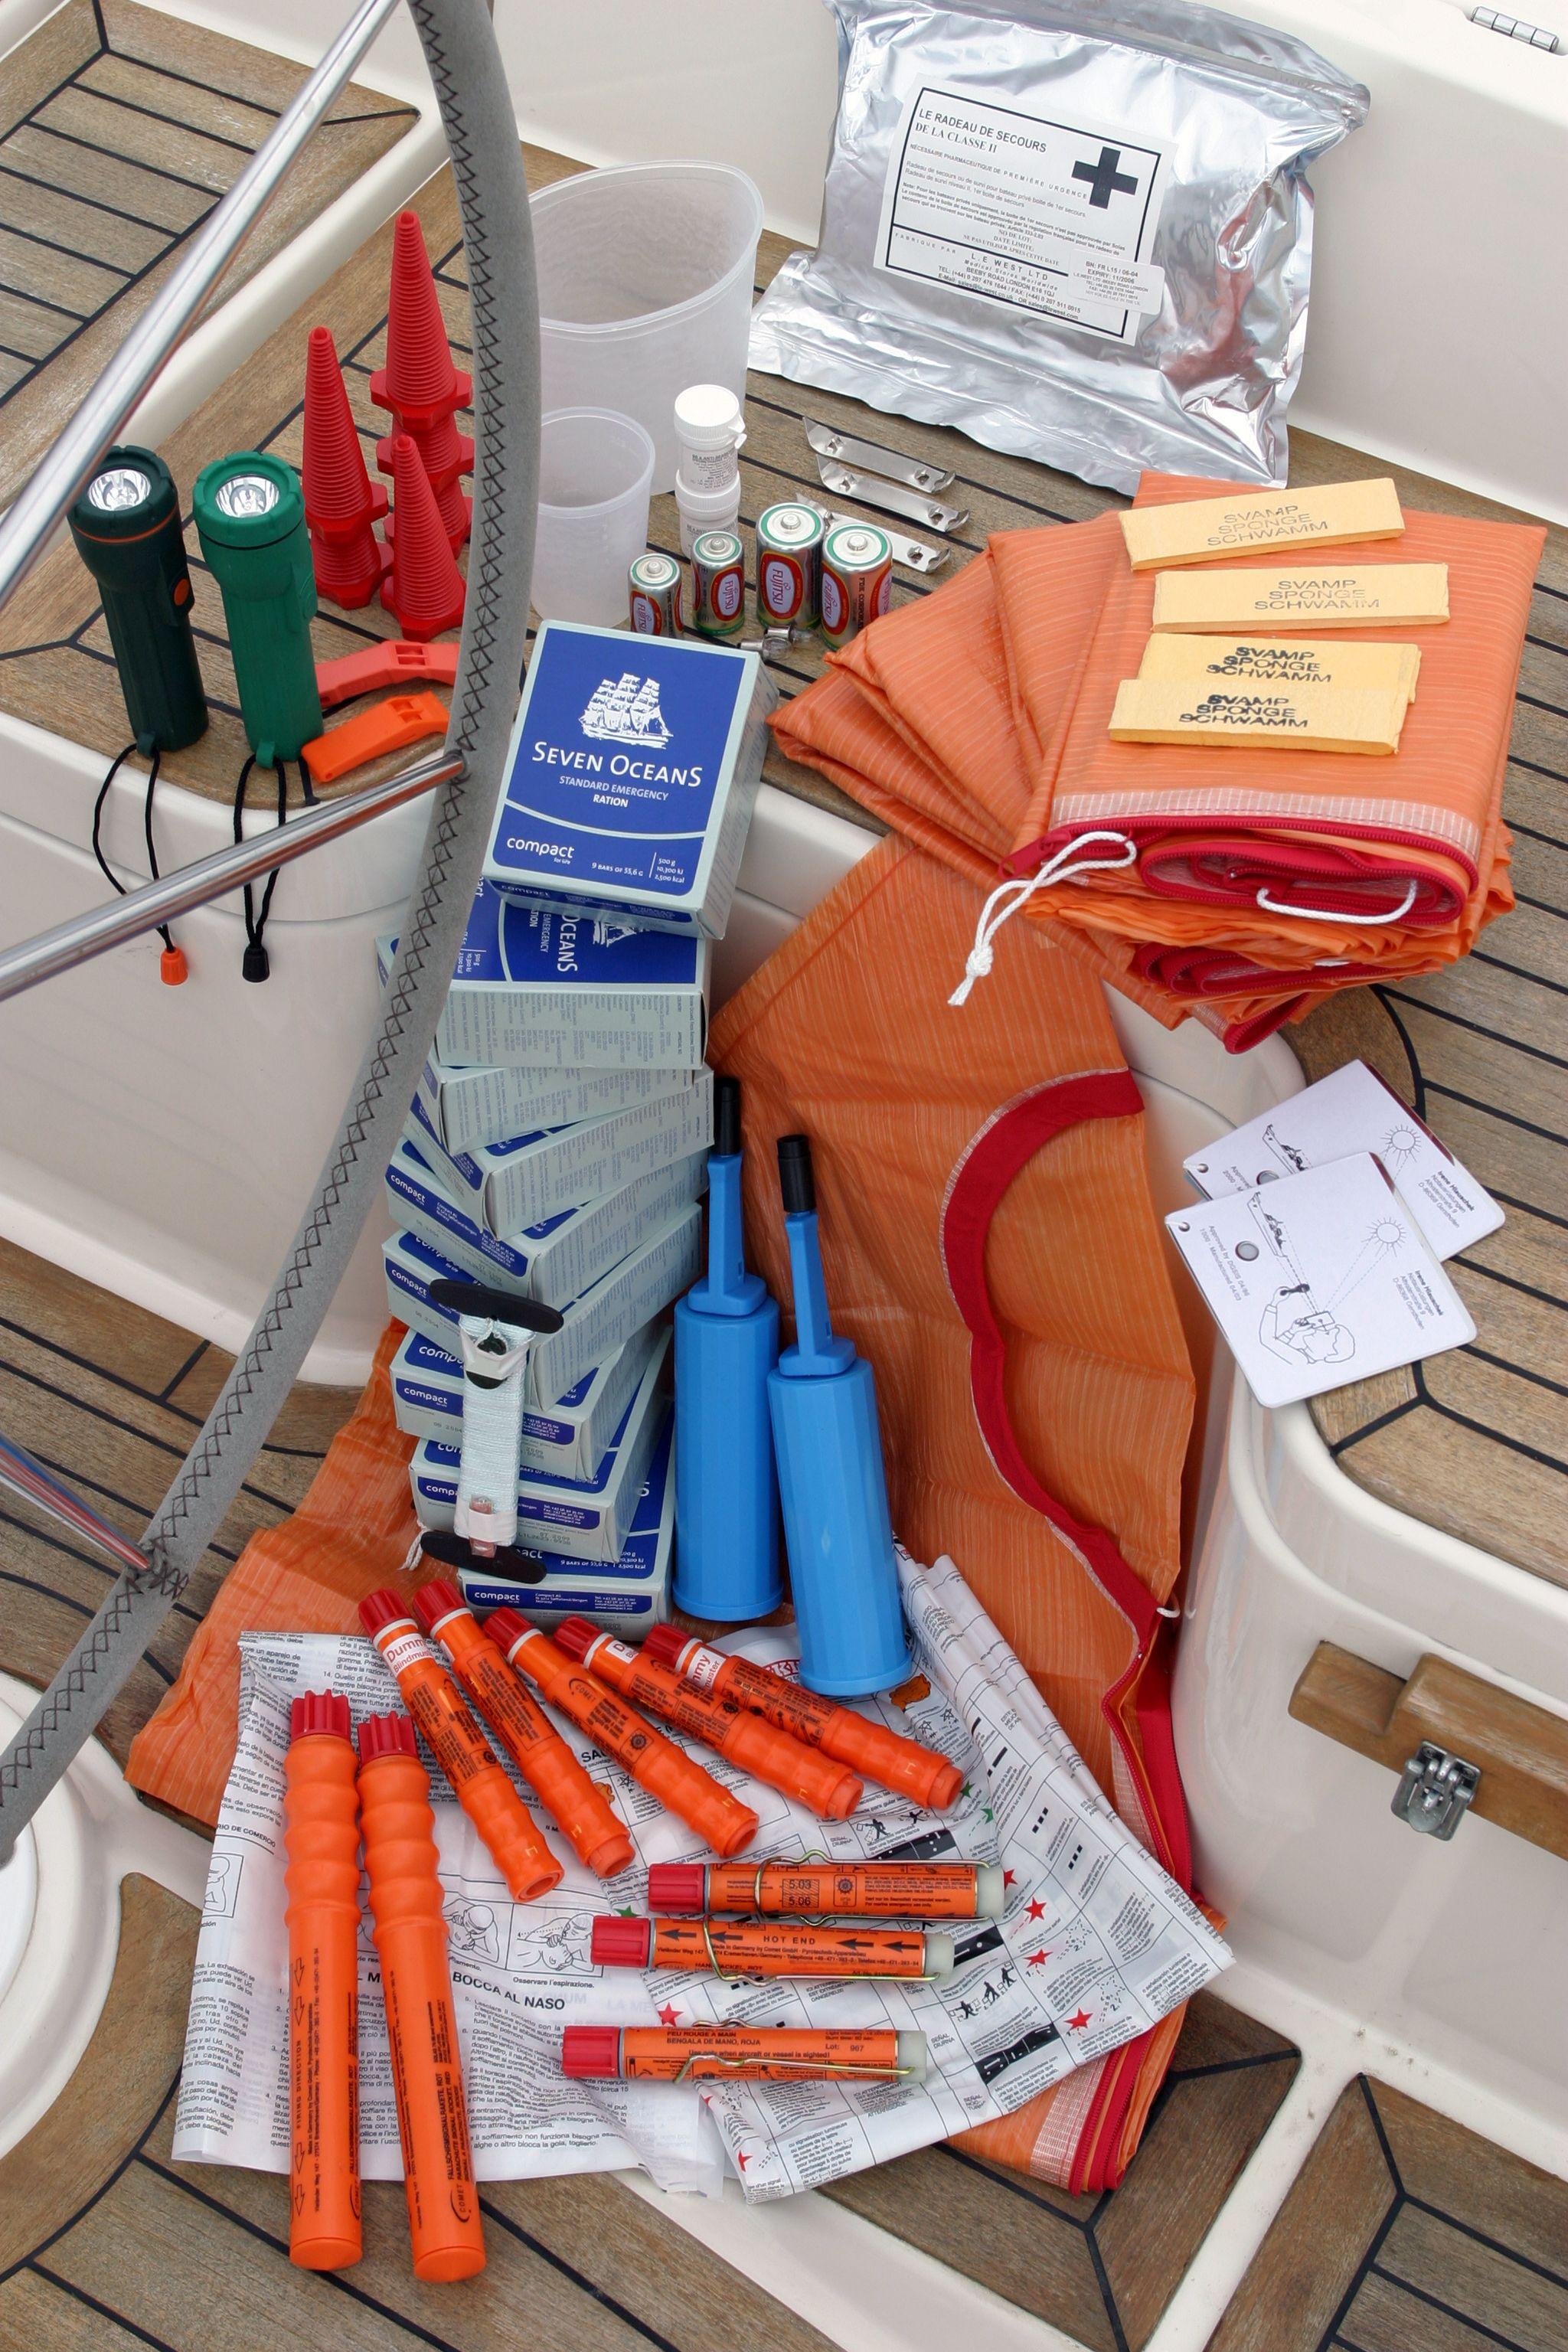 Som standard, er et udvalg af nødudstyr og redningsmidler pakket inde i redningsflåden. VIKING bruge...